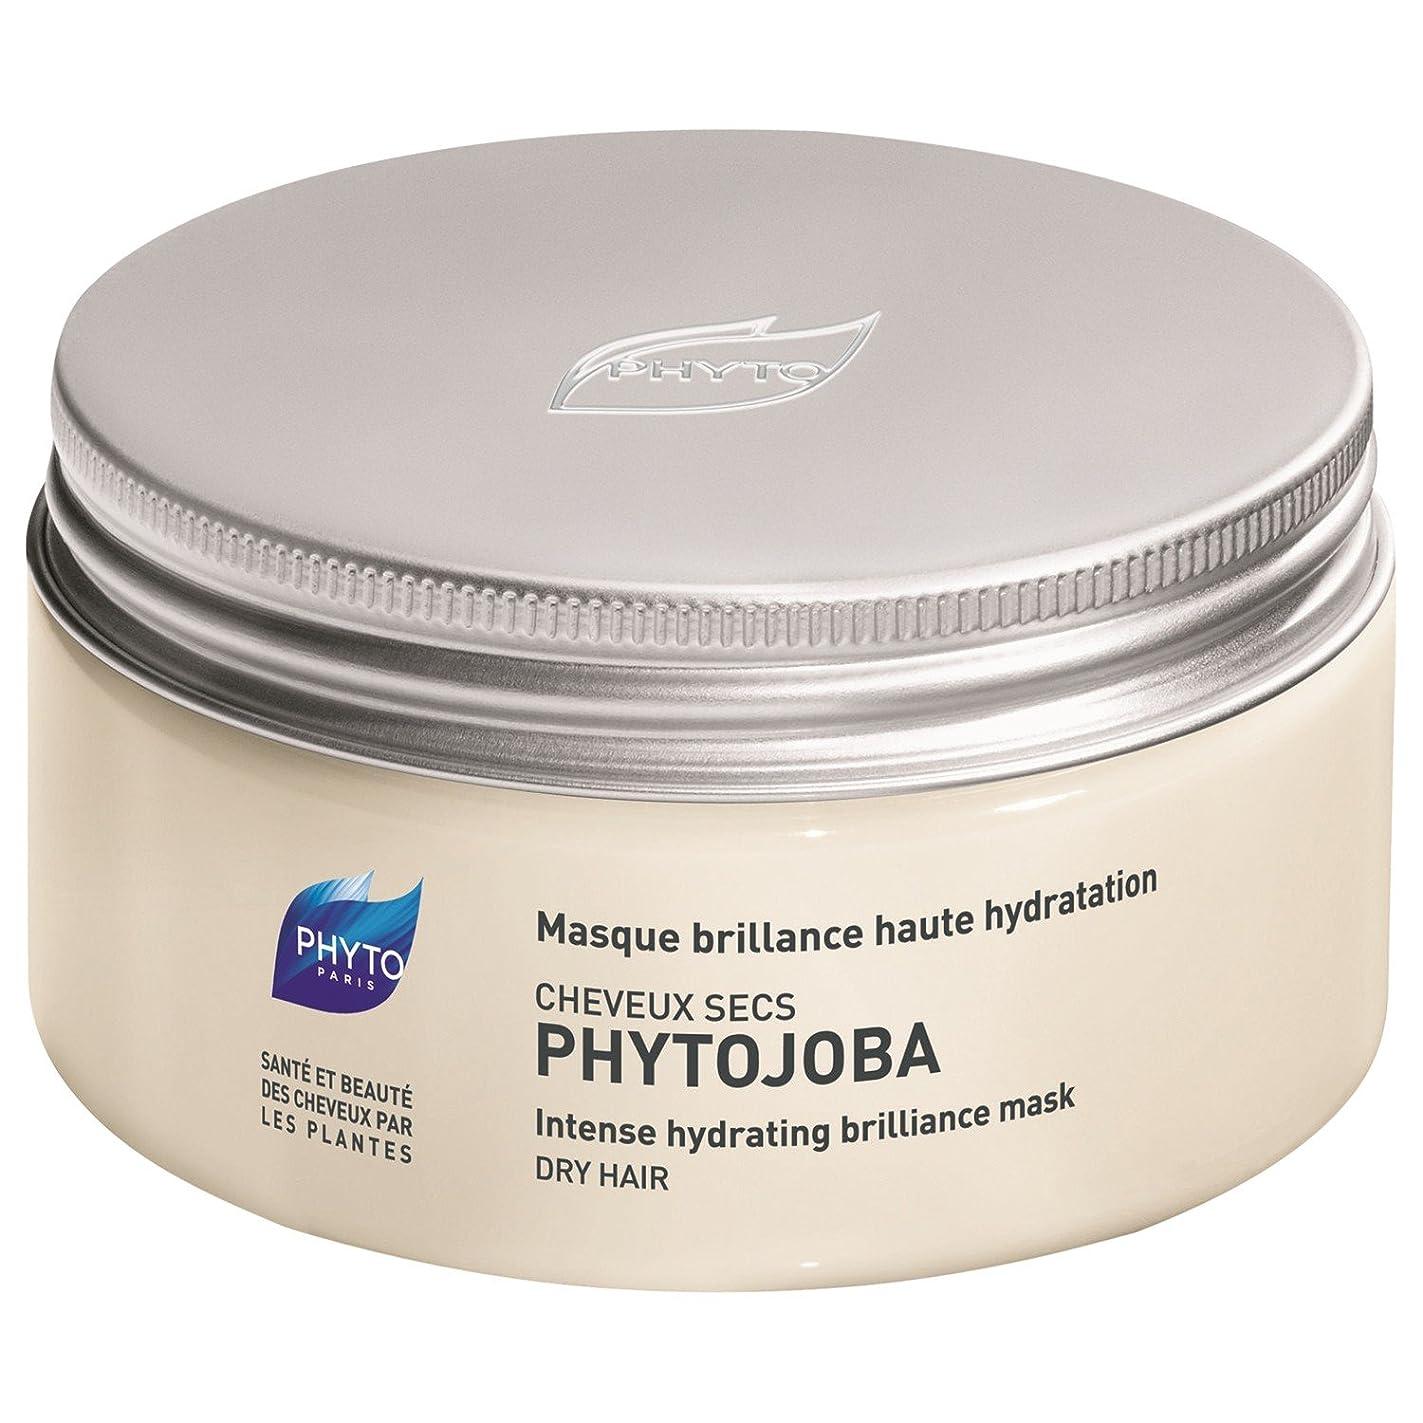 忘れっぽい重要な独立してフィトPhytojoba強烈な水分補給マスク200ミリリットル (Phyto) (x2) - Phyto Phytojoba Intense Hydrating Mask 200ml (Pack of 2) [並行輸入品]